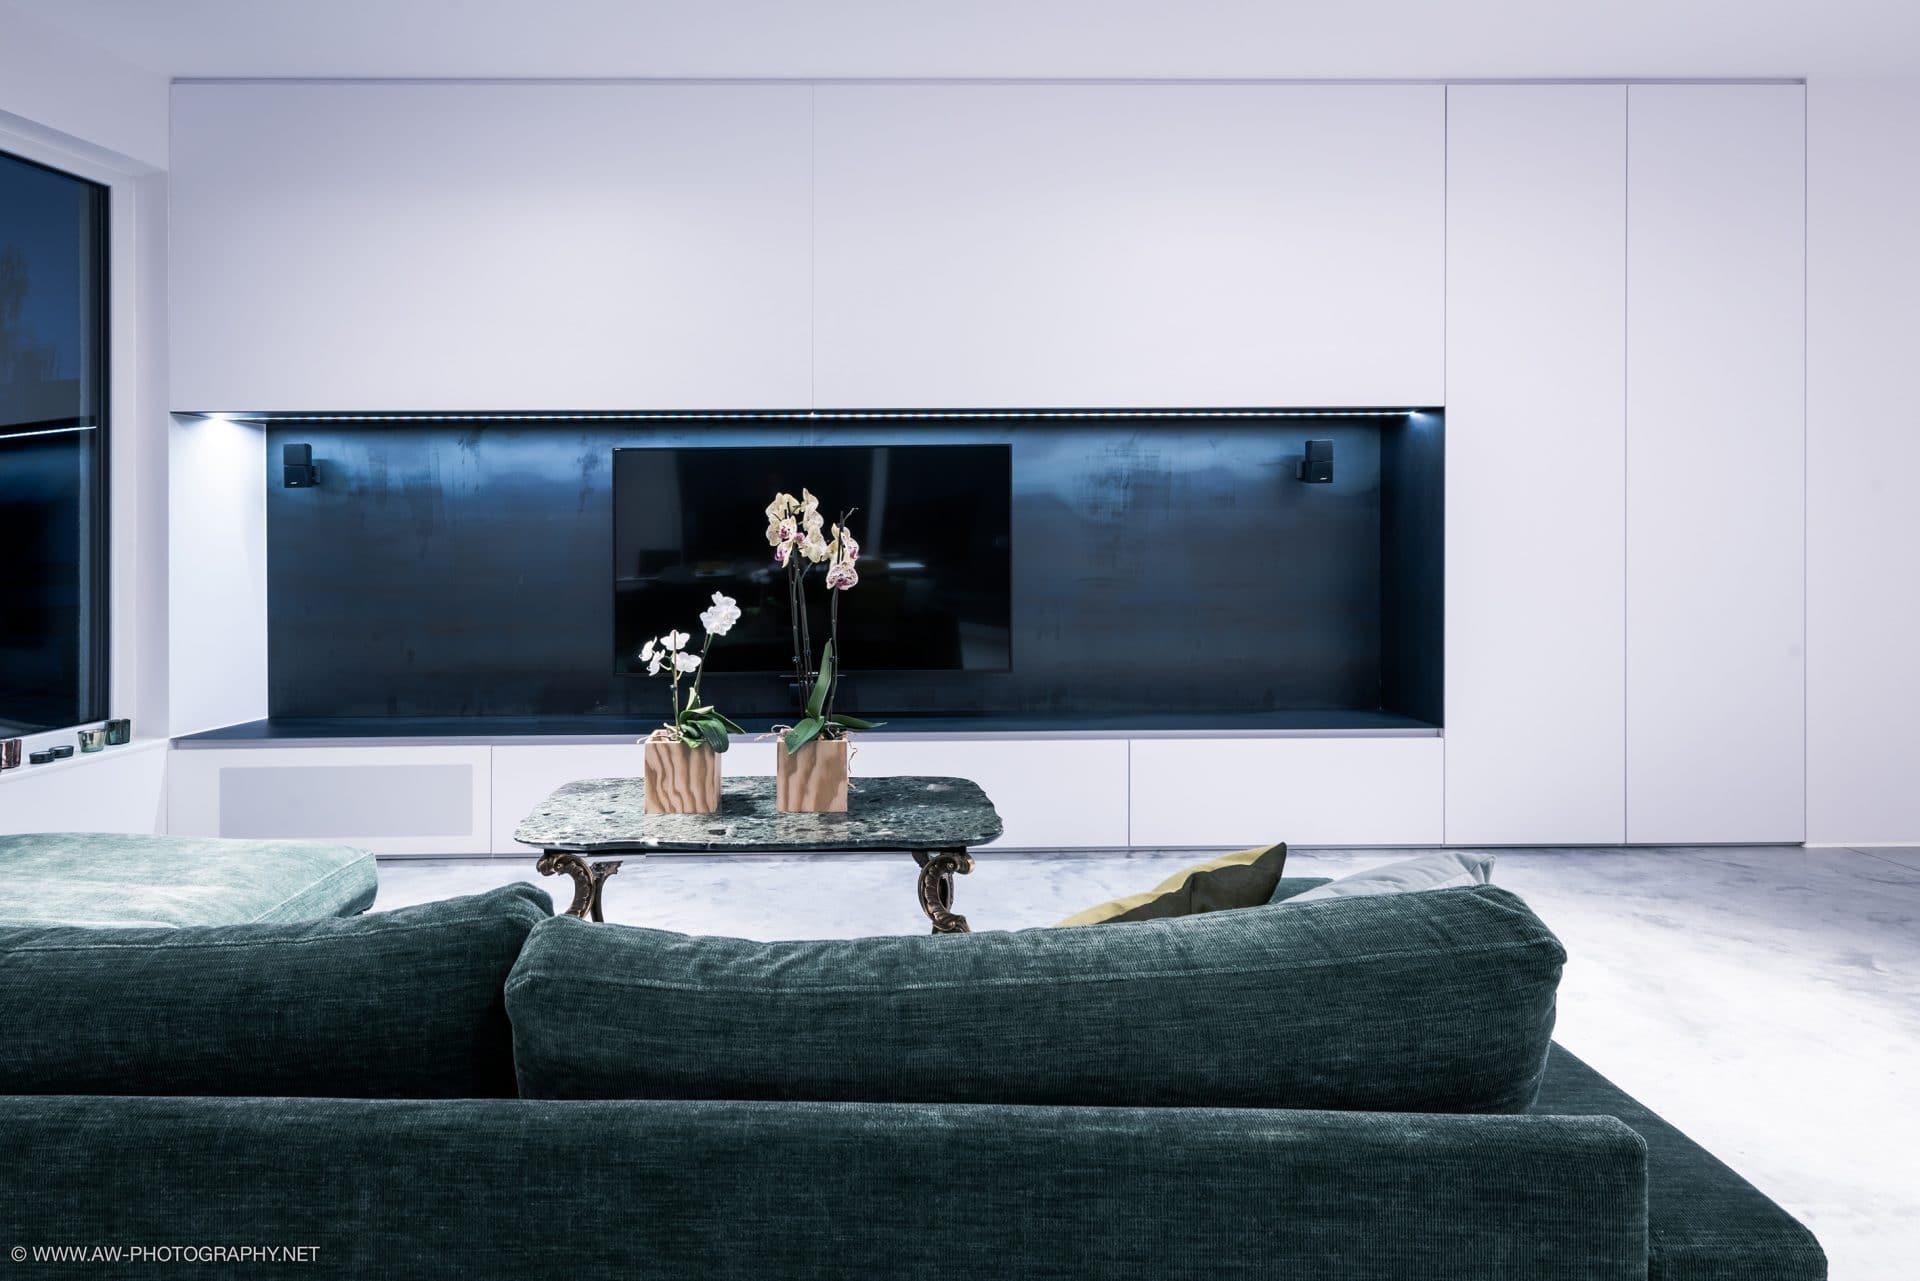 Innenausbau Penthousewohnung von VOIT in Schlichtstoff weiß und Stahl geschwärzt - Blick auf TV im Vordergrund ein Sofar und ein Designertisch